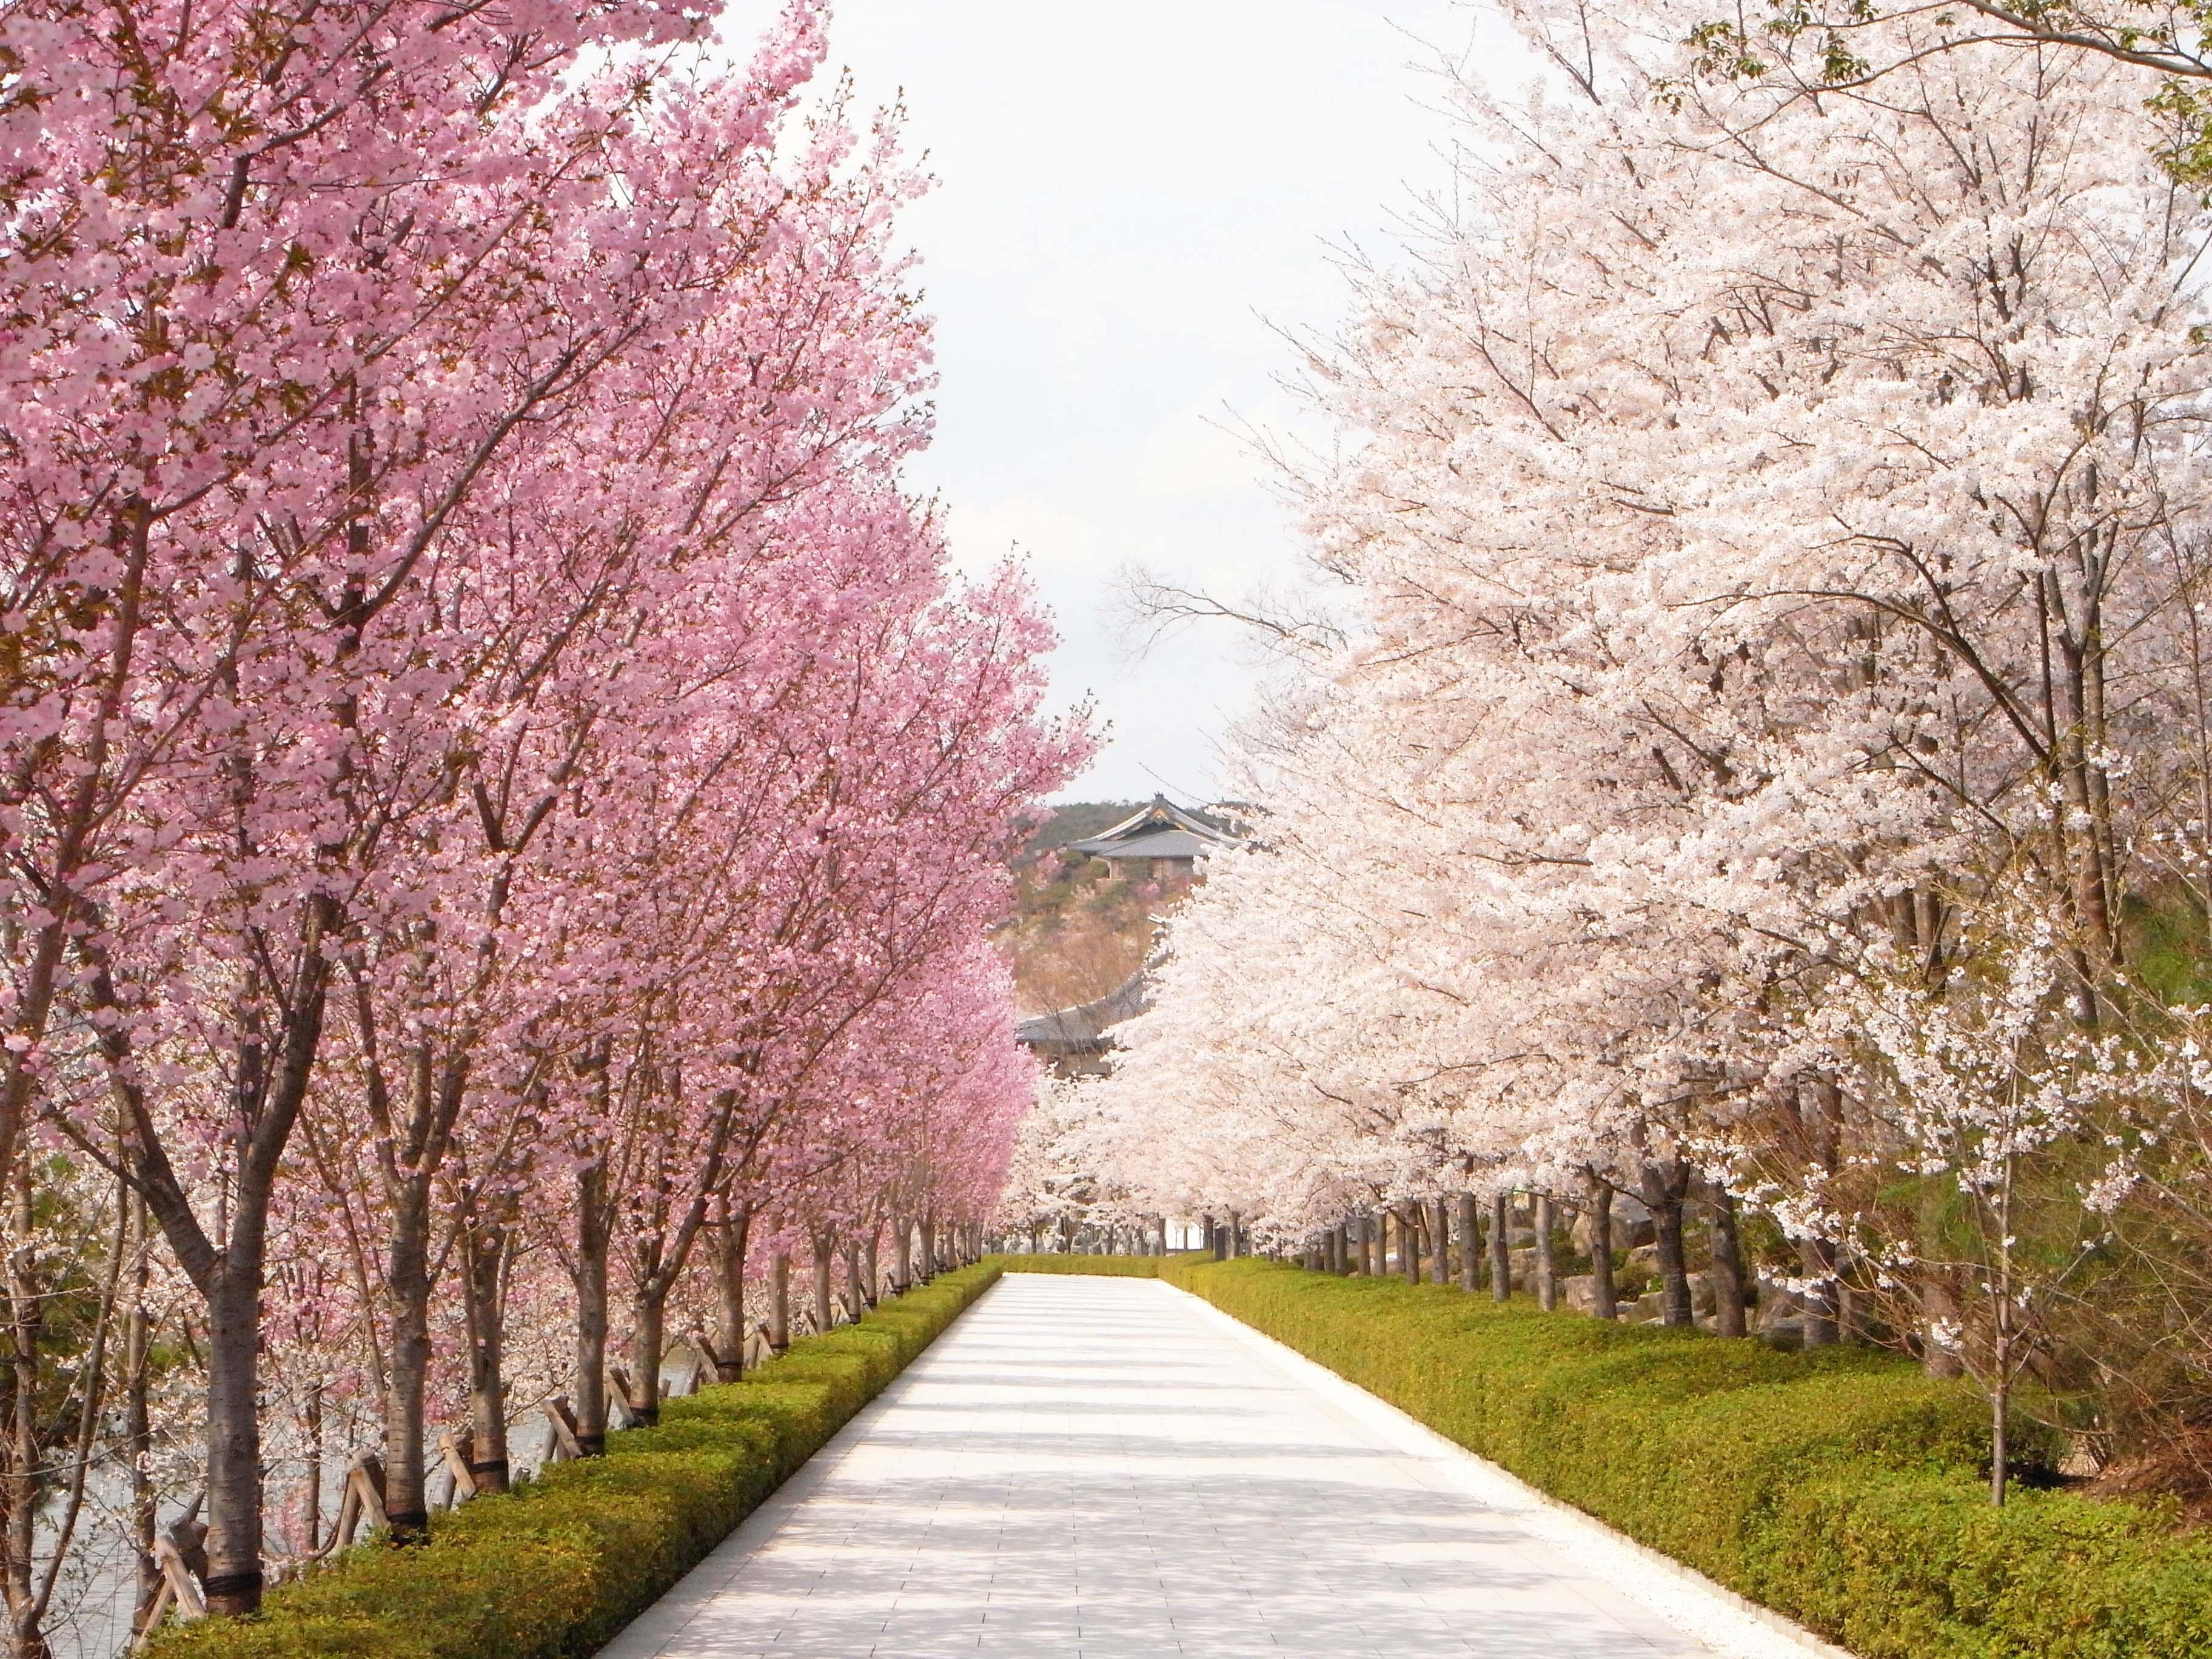 千葉の桜の名所と開花予想!桜祭りに人気夜桜スポット紹介!お花見に!